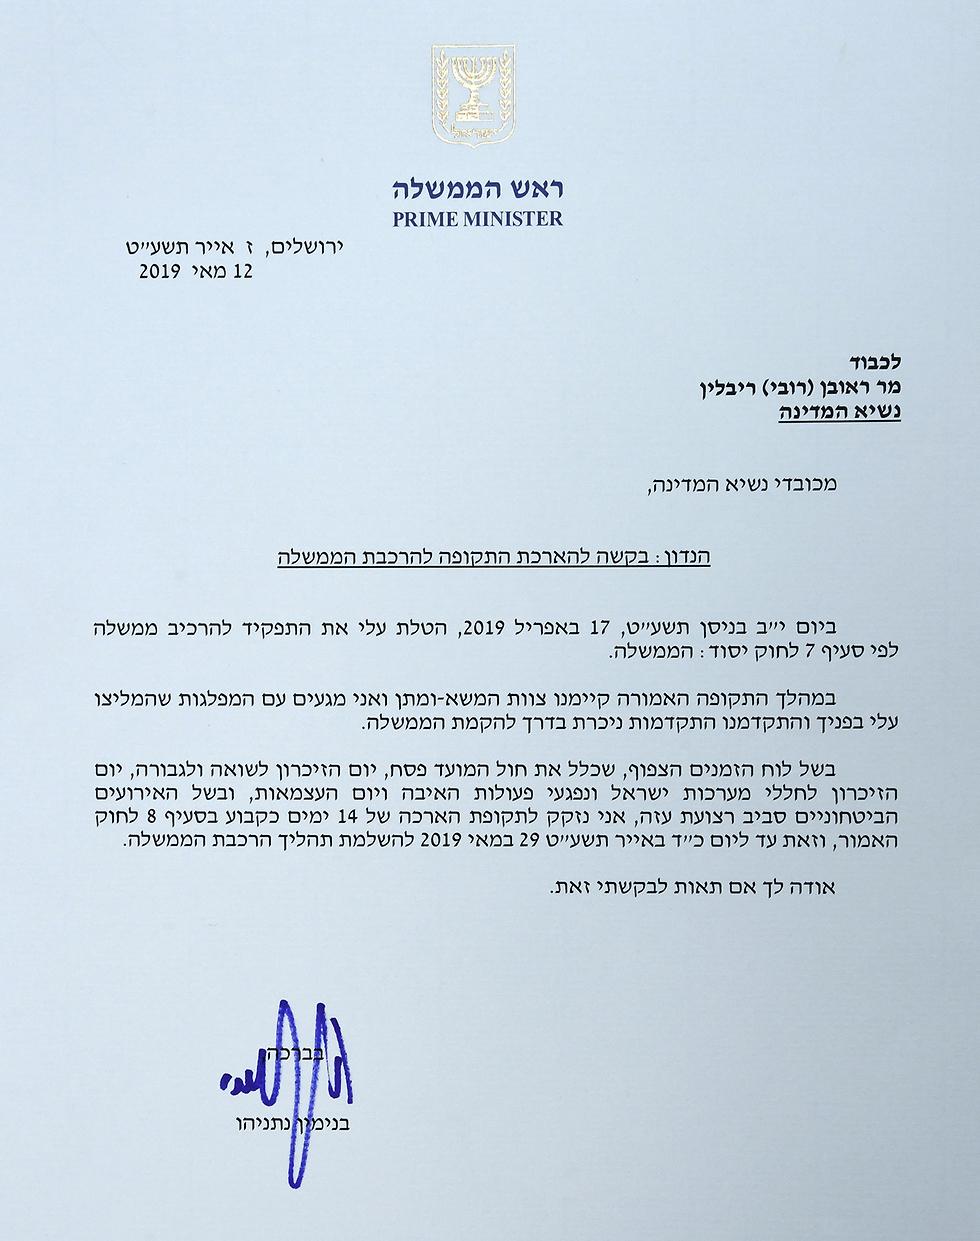 נשיא המדינה ראובן ריבלין נענה לבקשת רה